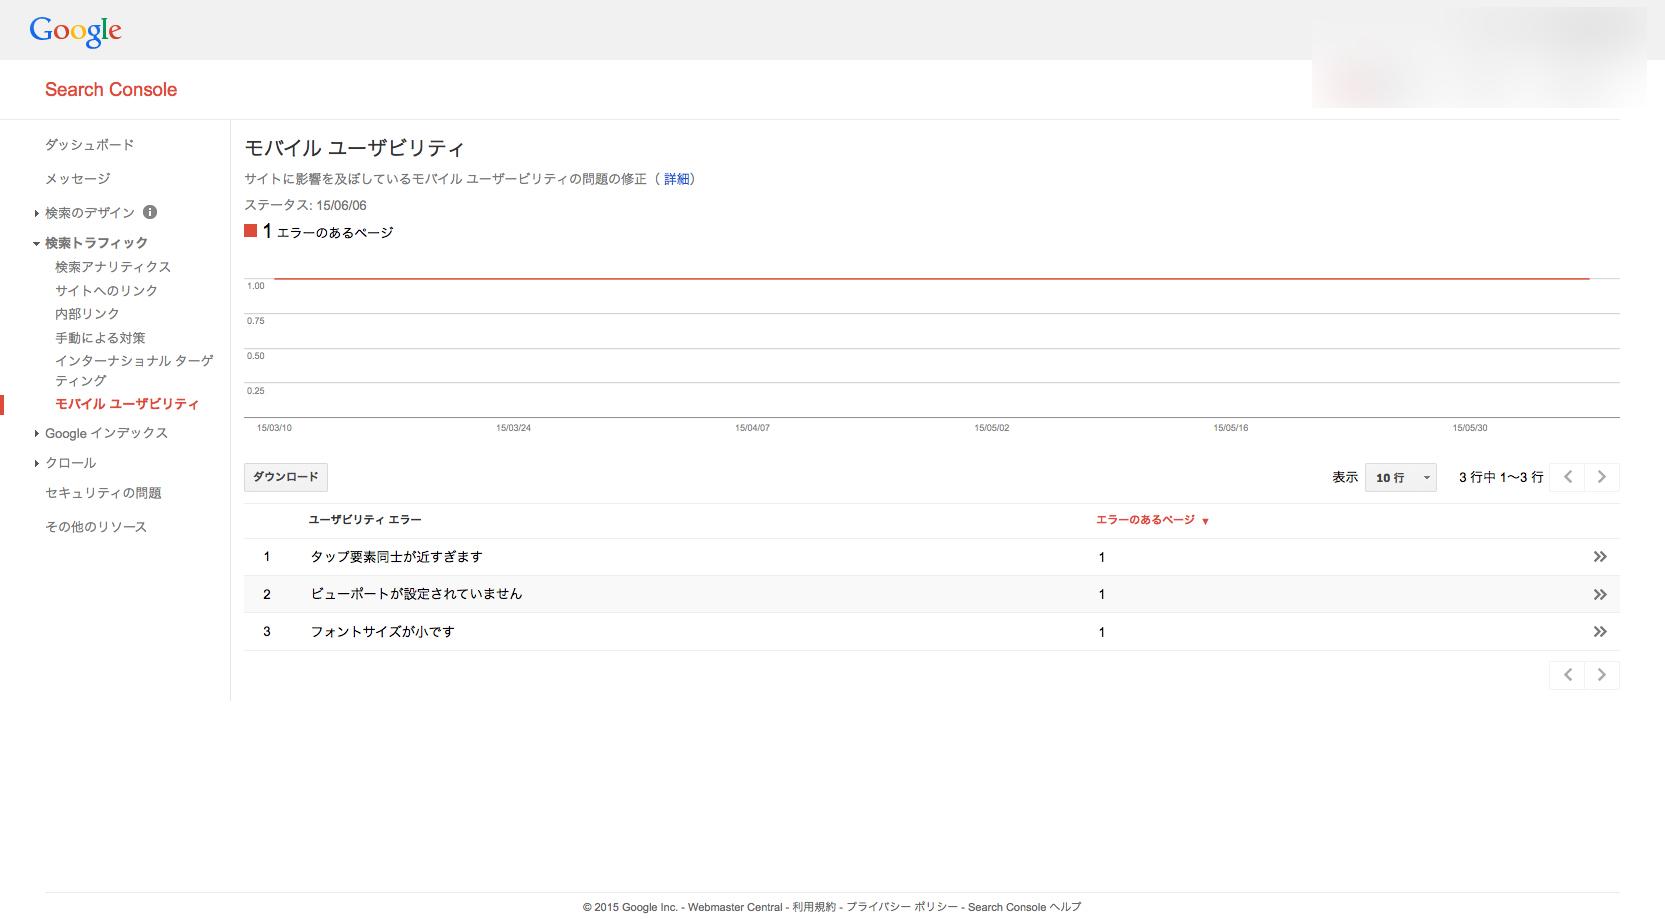 Google Search Console問題ありバージョン